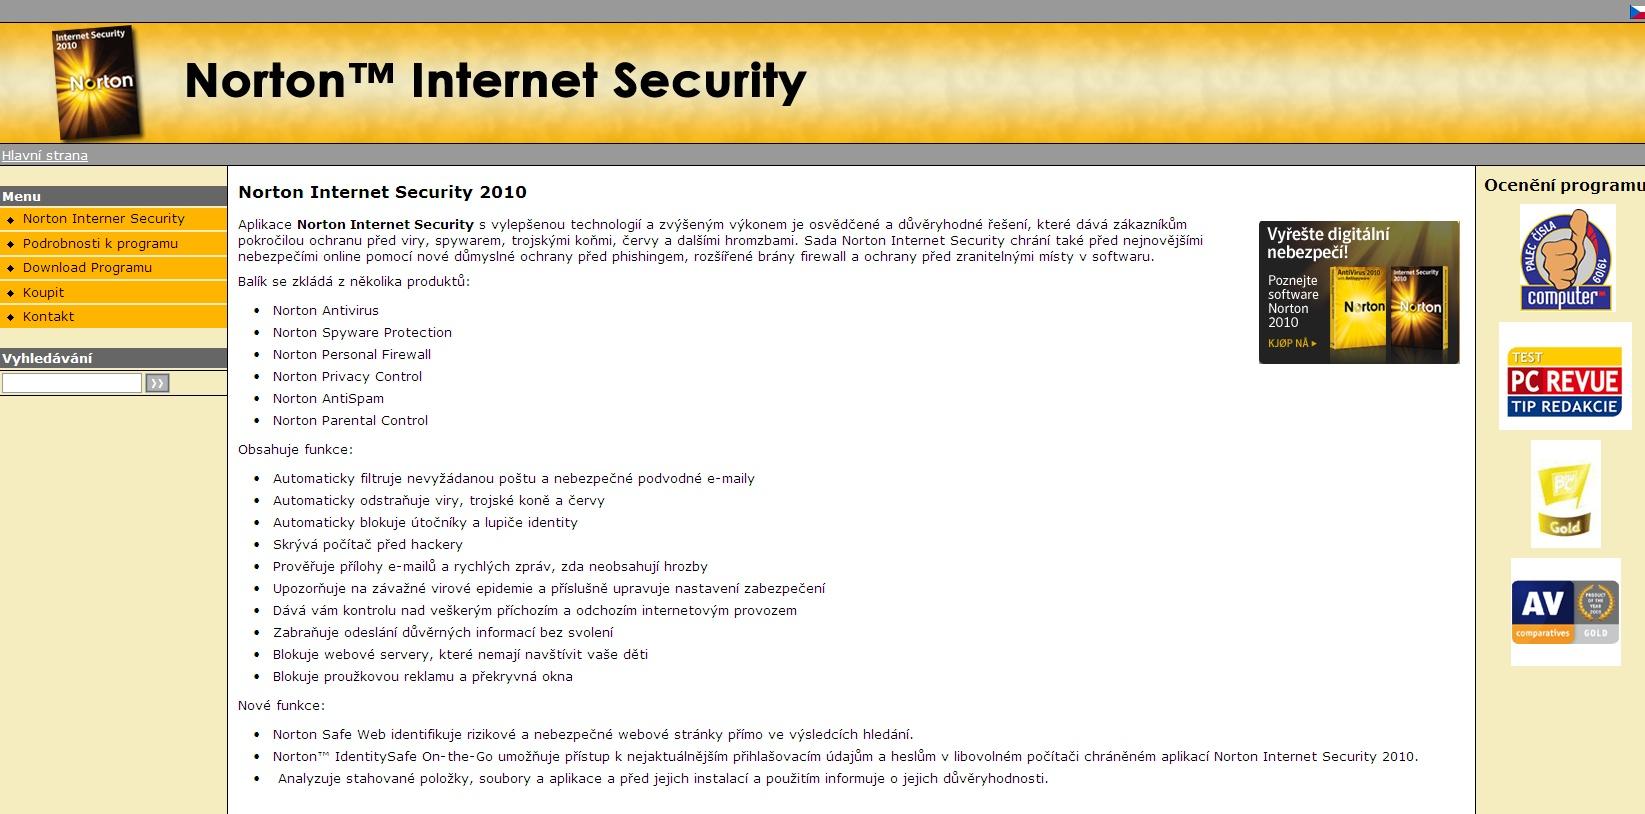 Aplikace Norton Internet Security s vylepšenou technologií a zvýšeným výkonem je osvědčené a důvěryhodné řešení, které dává zákazníkům pokročilou ochranu před viry, spywarem, trojskými koňmi, červy a dalšími hromzbami.